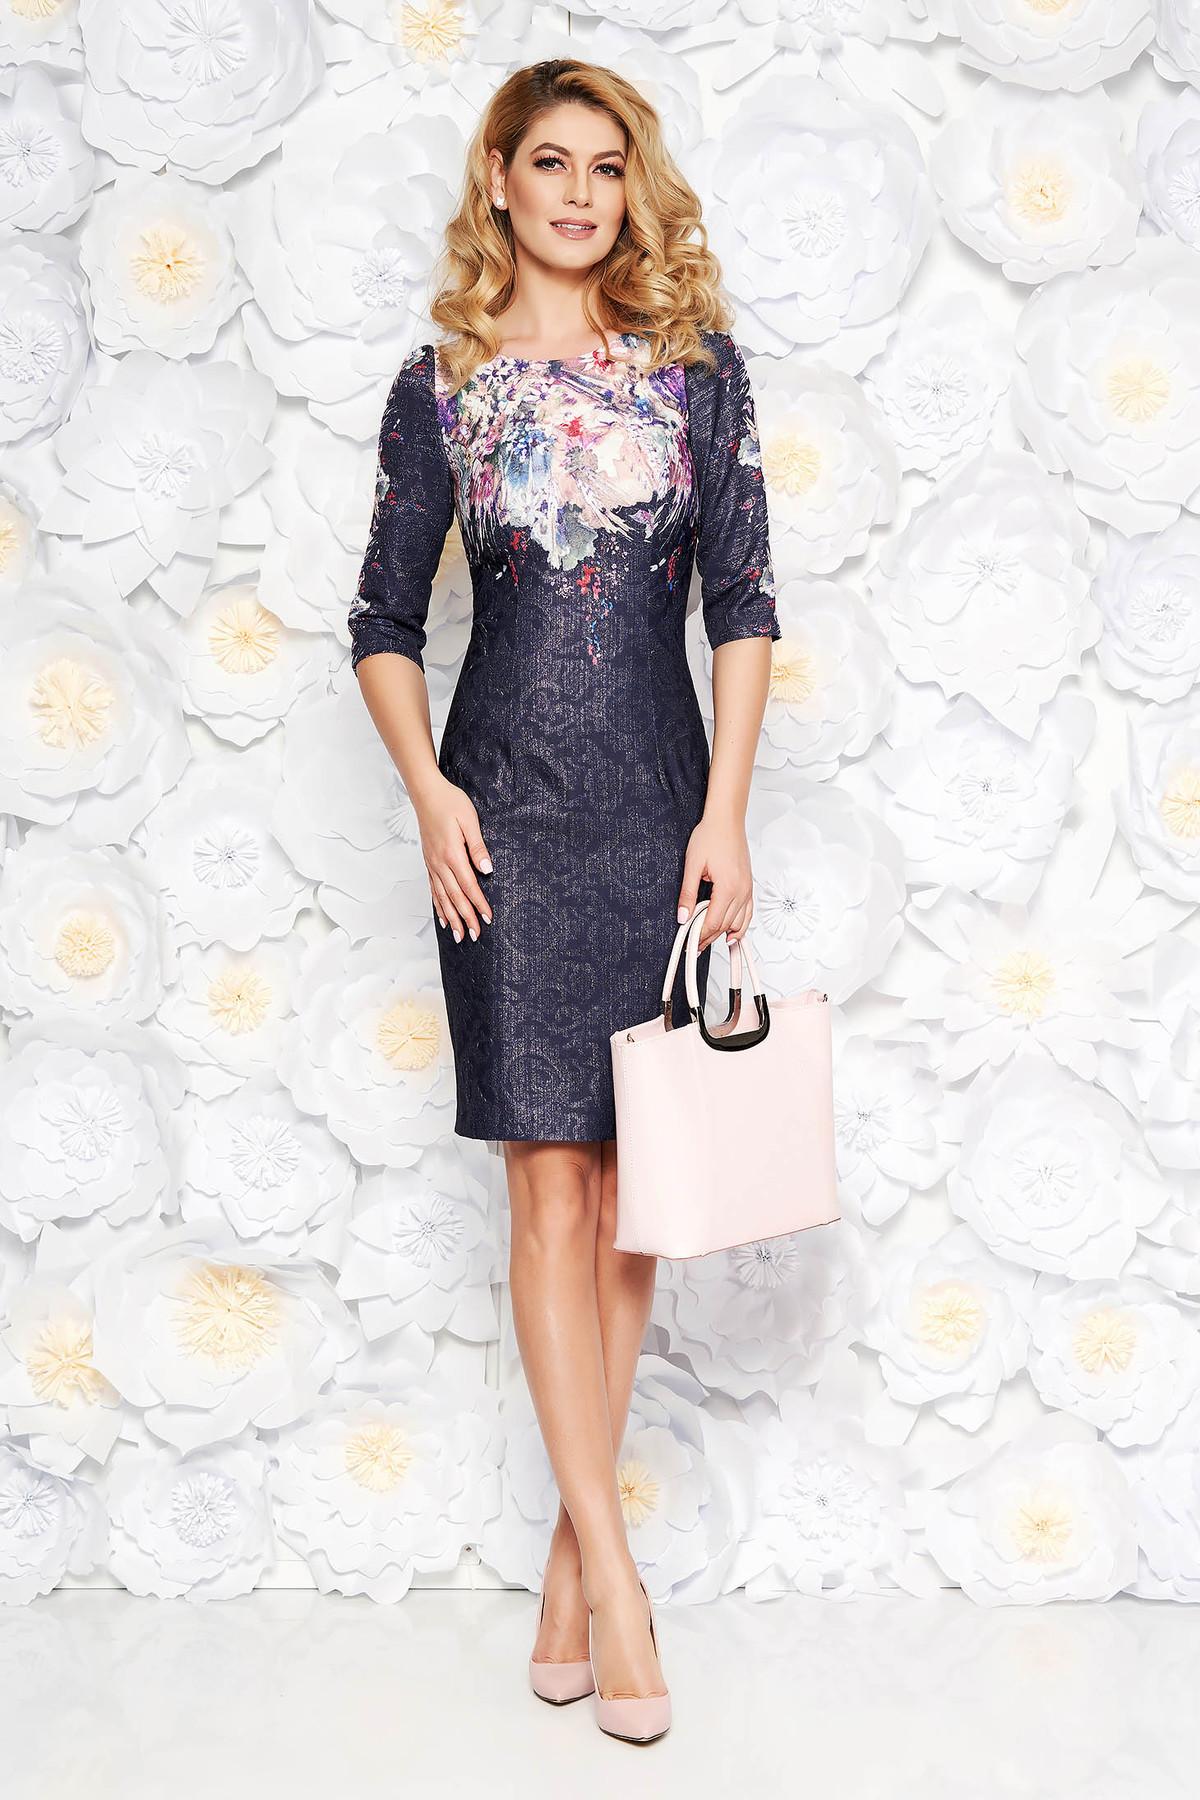 Rochie albastra-inchis eleganta midi tip creion din jaquard cu fir lame captusita pe interior cu imprimeuri florale